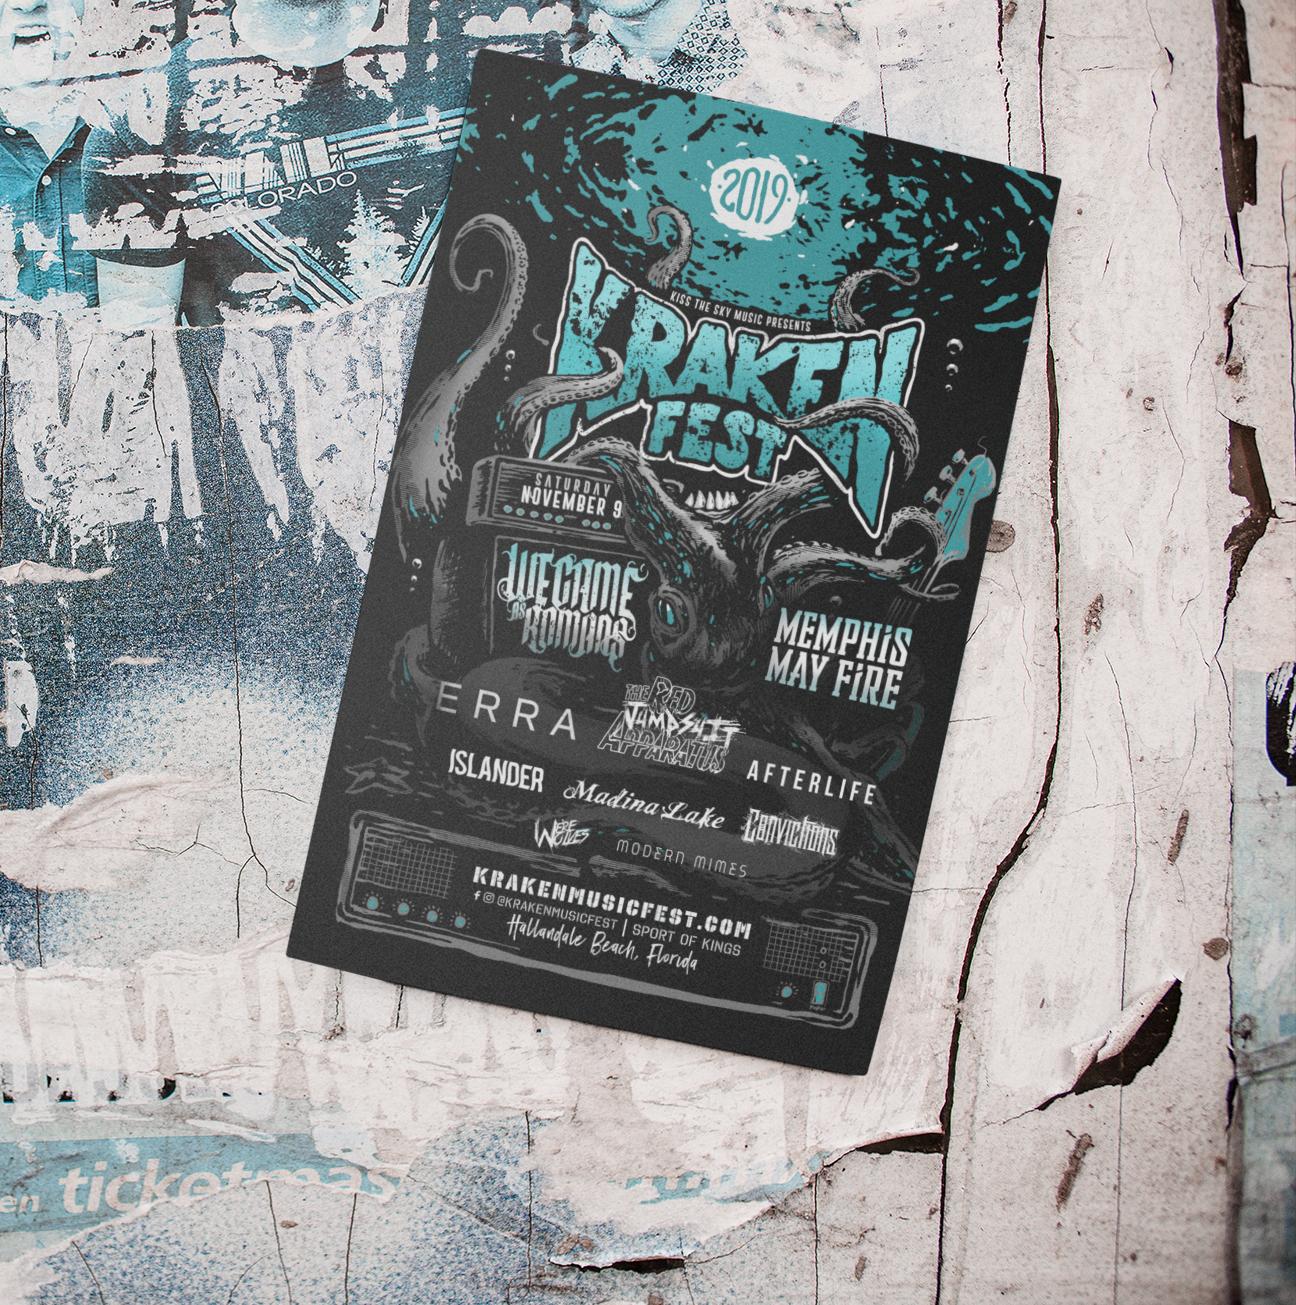 Krakenfest poster on wall